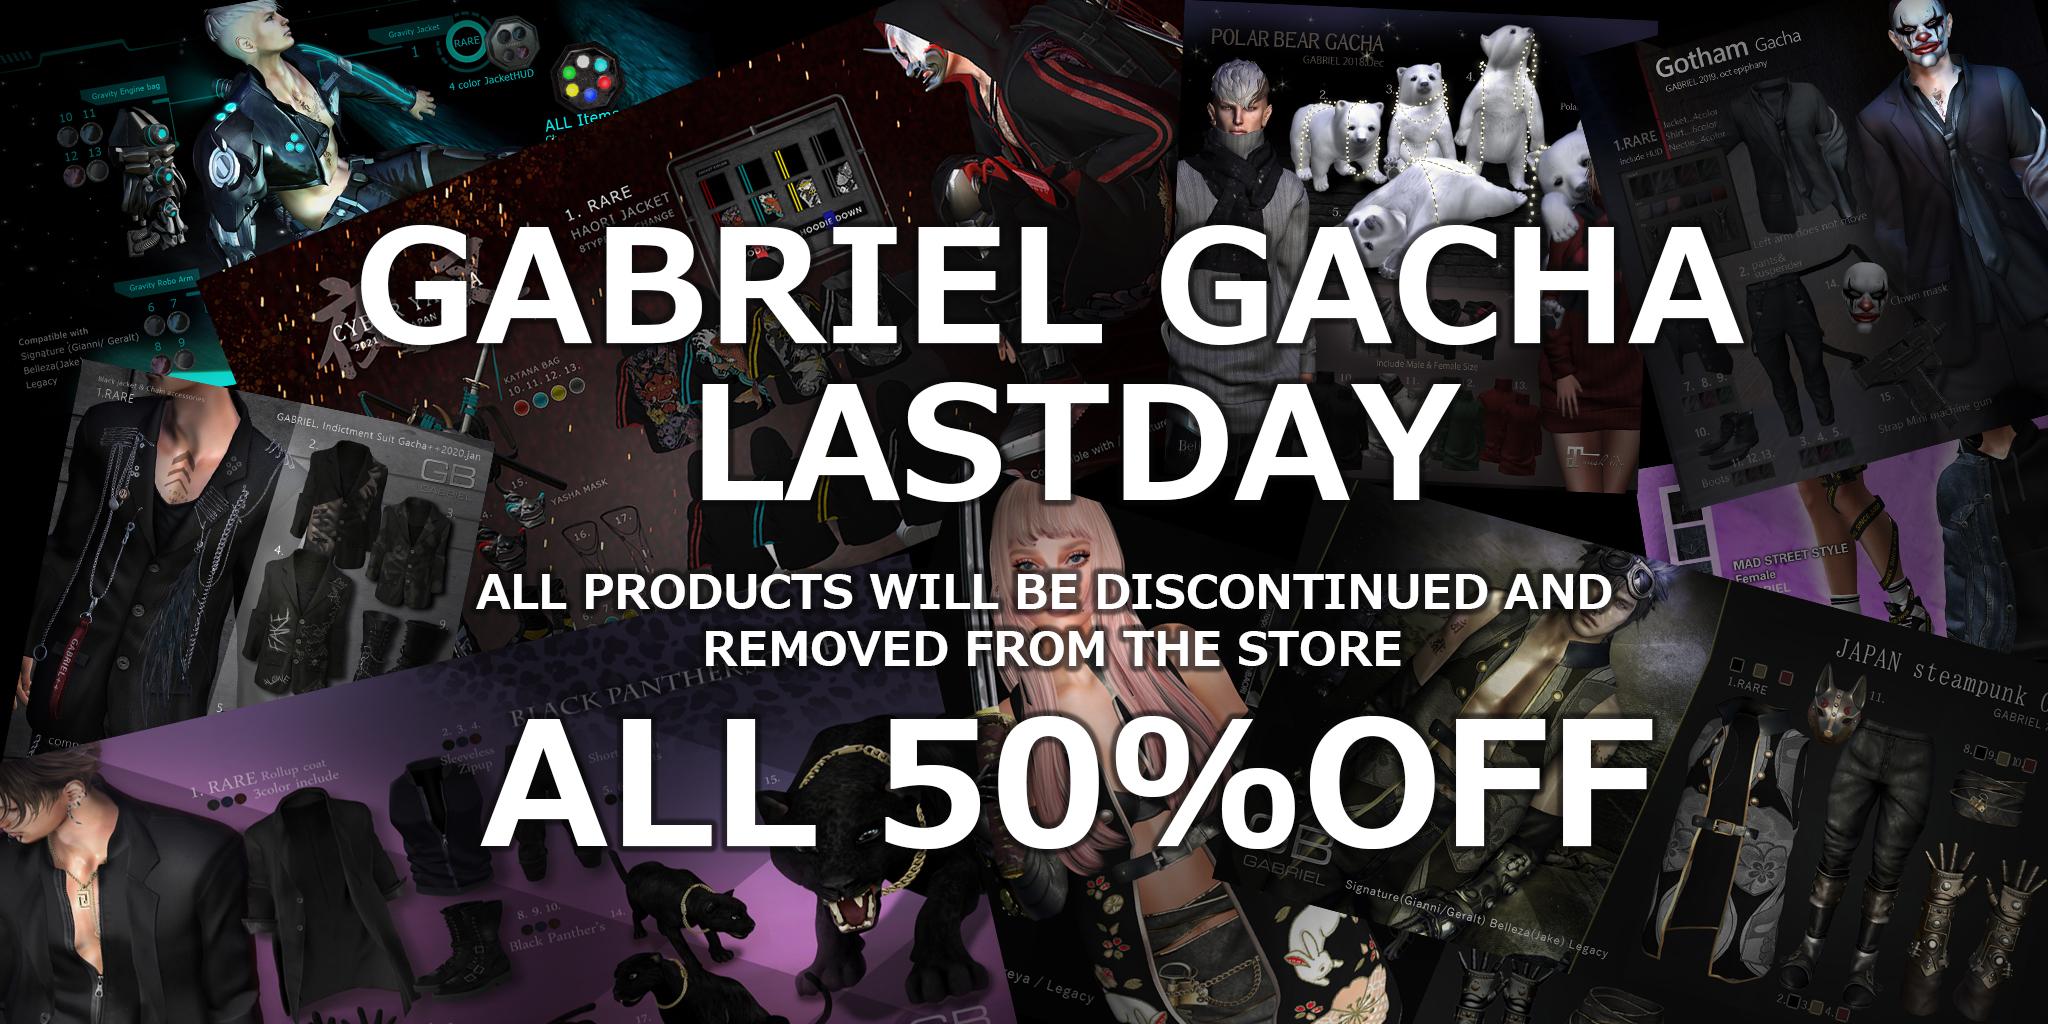 LAST DAY GACHA SALE @ GABRIEL